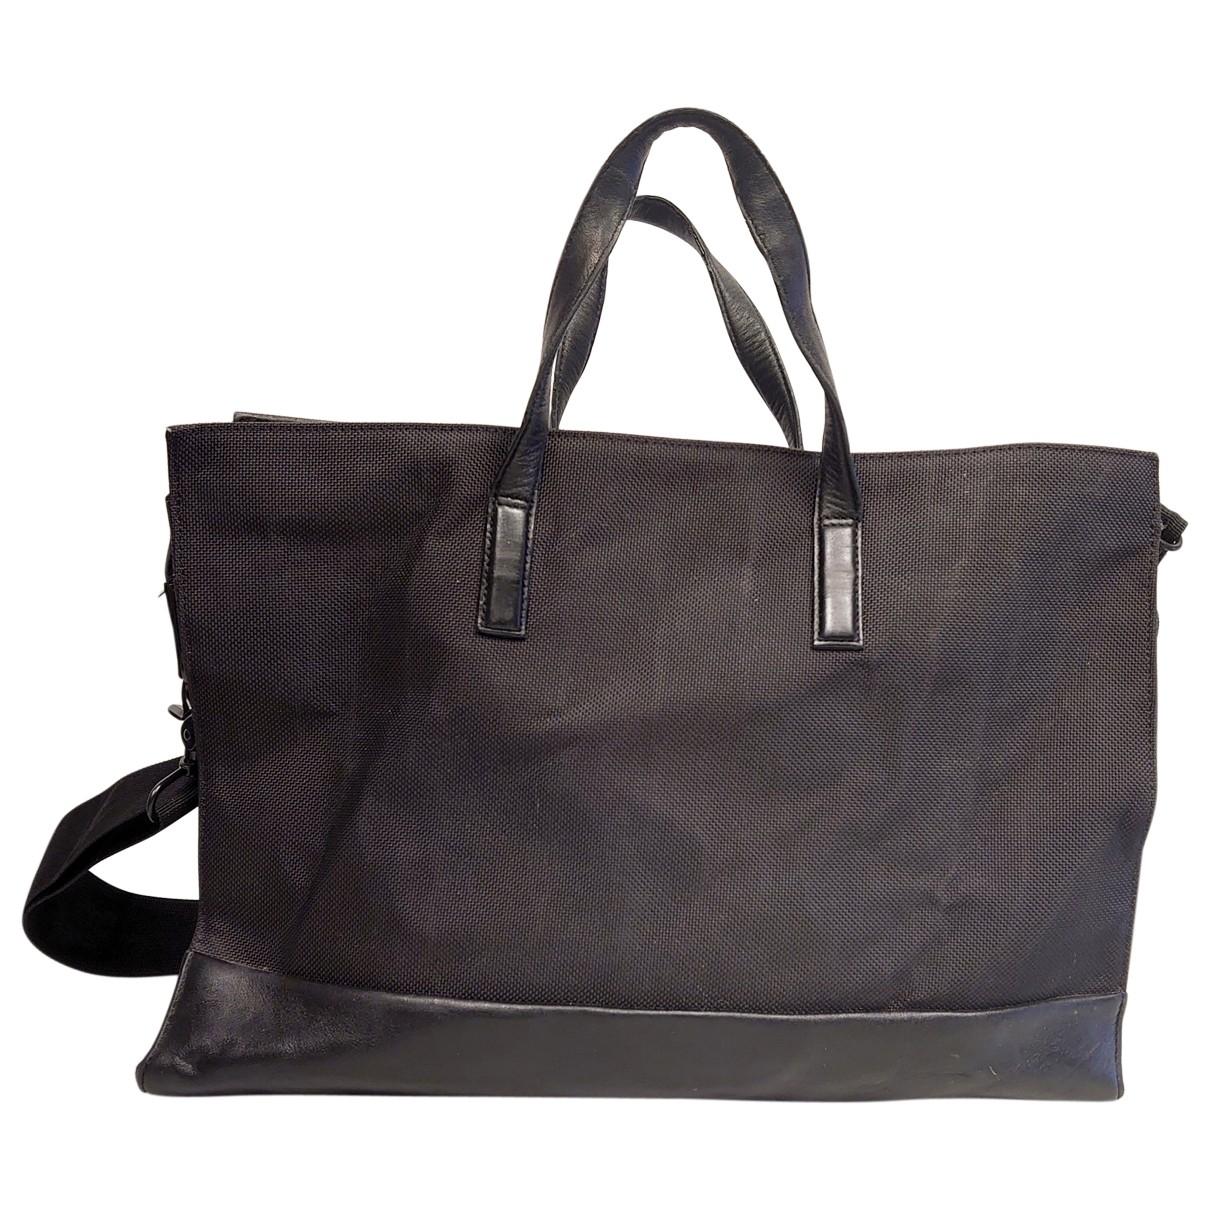 Tumi \N Taschen in  Schwarz Leinen